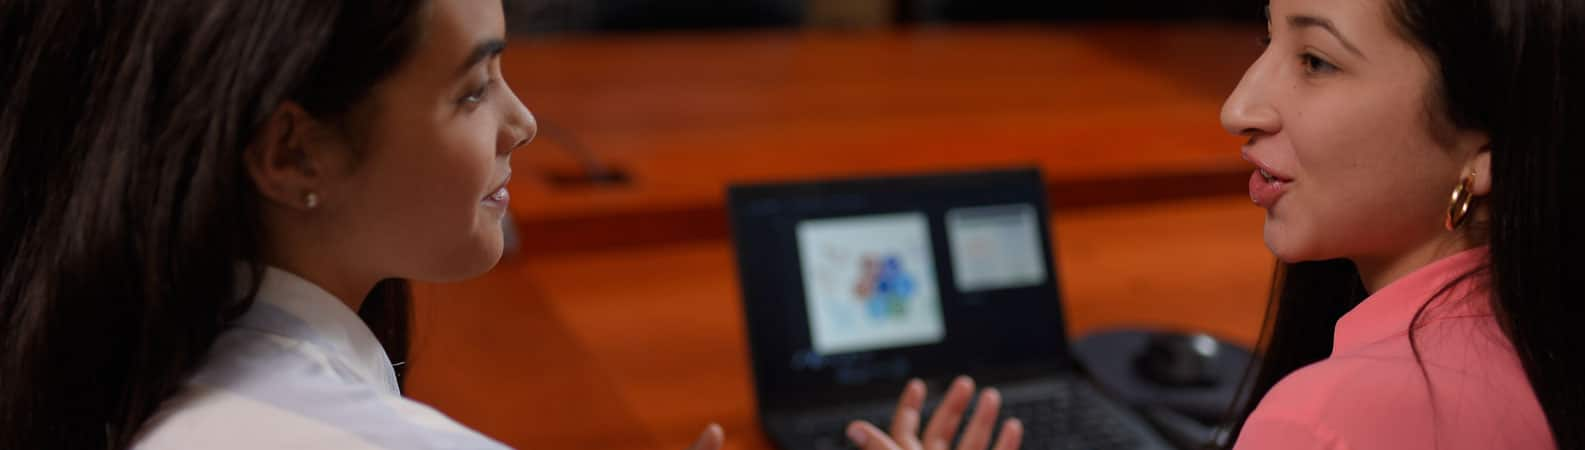 oferta academica direccion y gestion empresarial unibe